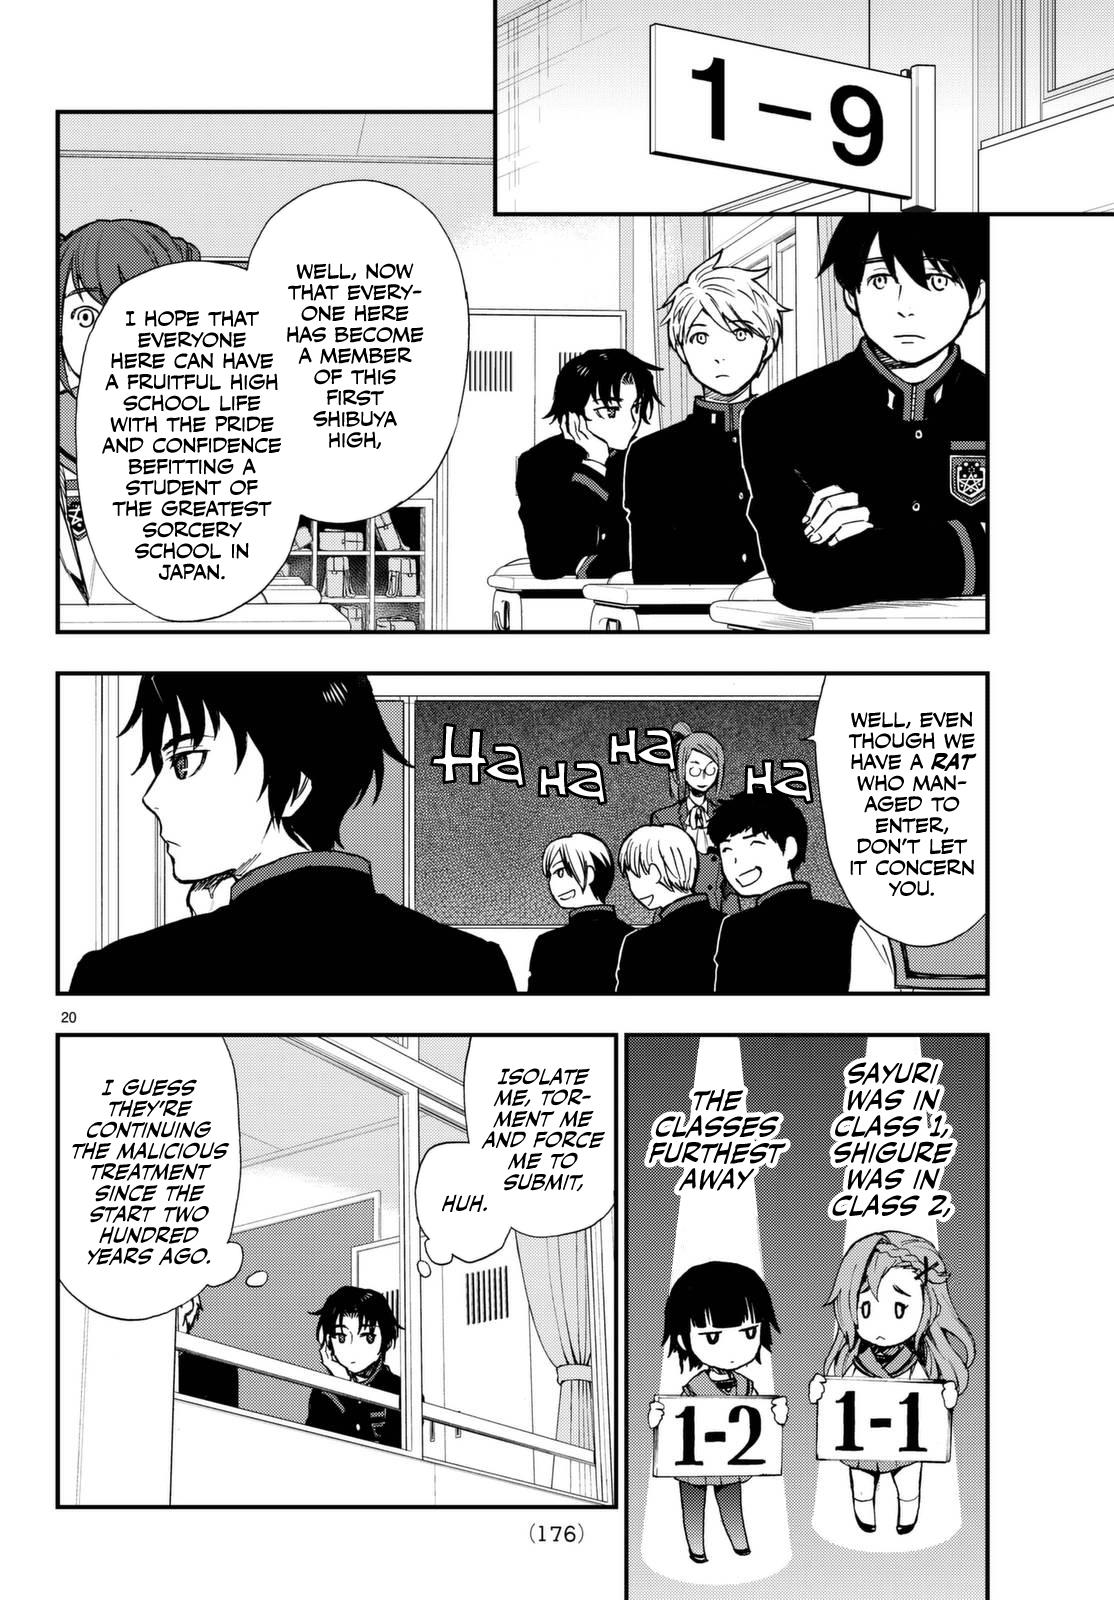 Owari no Seraph: Ichinose Guren, 16-sai no Catastrophe - Chapter 2